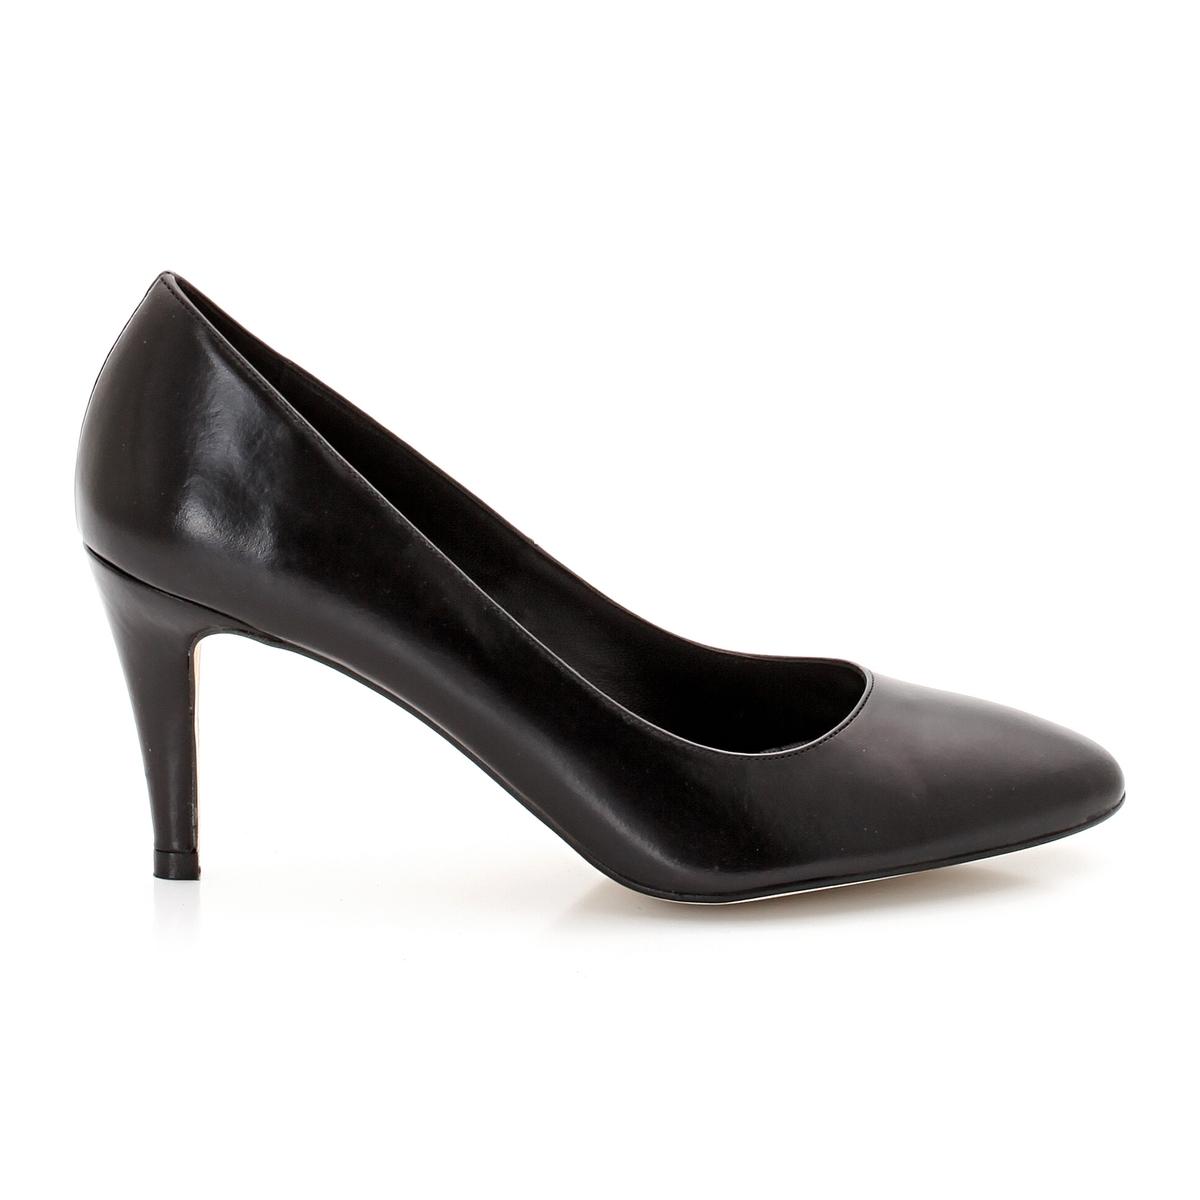 Туфли на каблуке JONAKТуфли на каблуке JONAK. Верх: коровья кожа. Подкладка и стелька: кожа. Подошва: их элатсомера. Высота каблука: 7,5 см.<br><br>Цвет: черный<br>Размер: 41